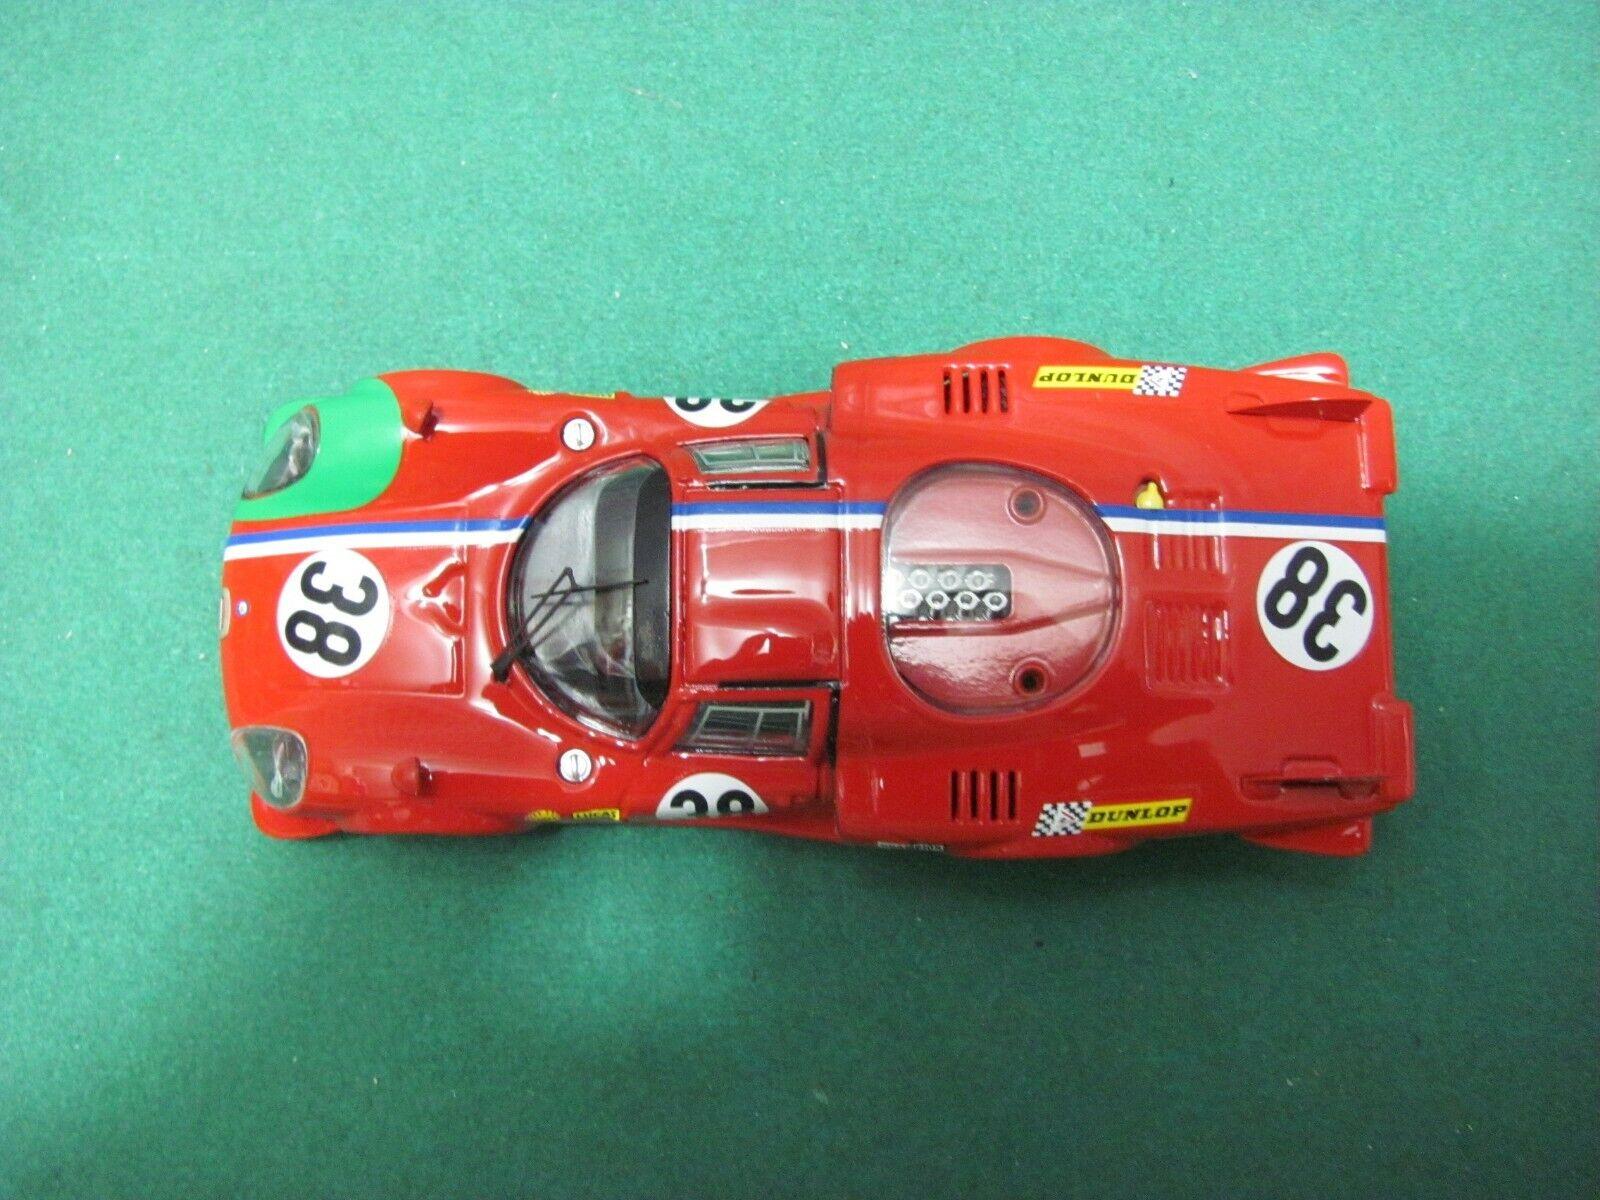 ALFA ROMEO 33 2 LM coupè 2000. coda coda coda lunga   Le uomos 1969    - 1 43 Best 9284 101c2a